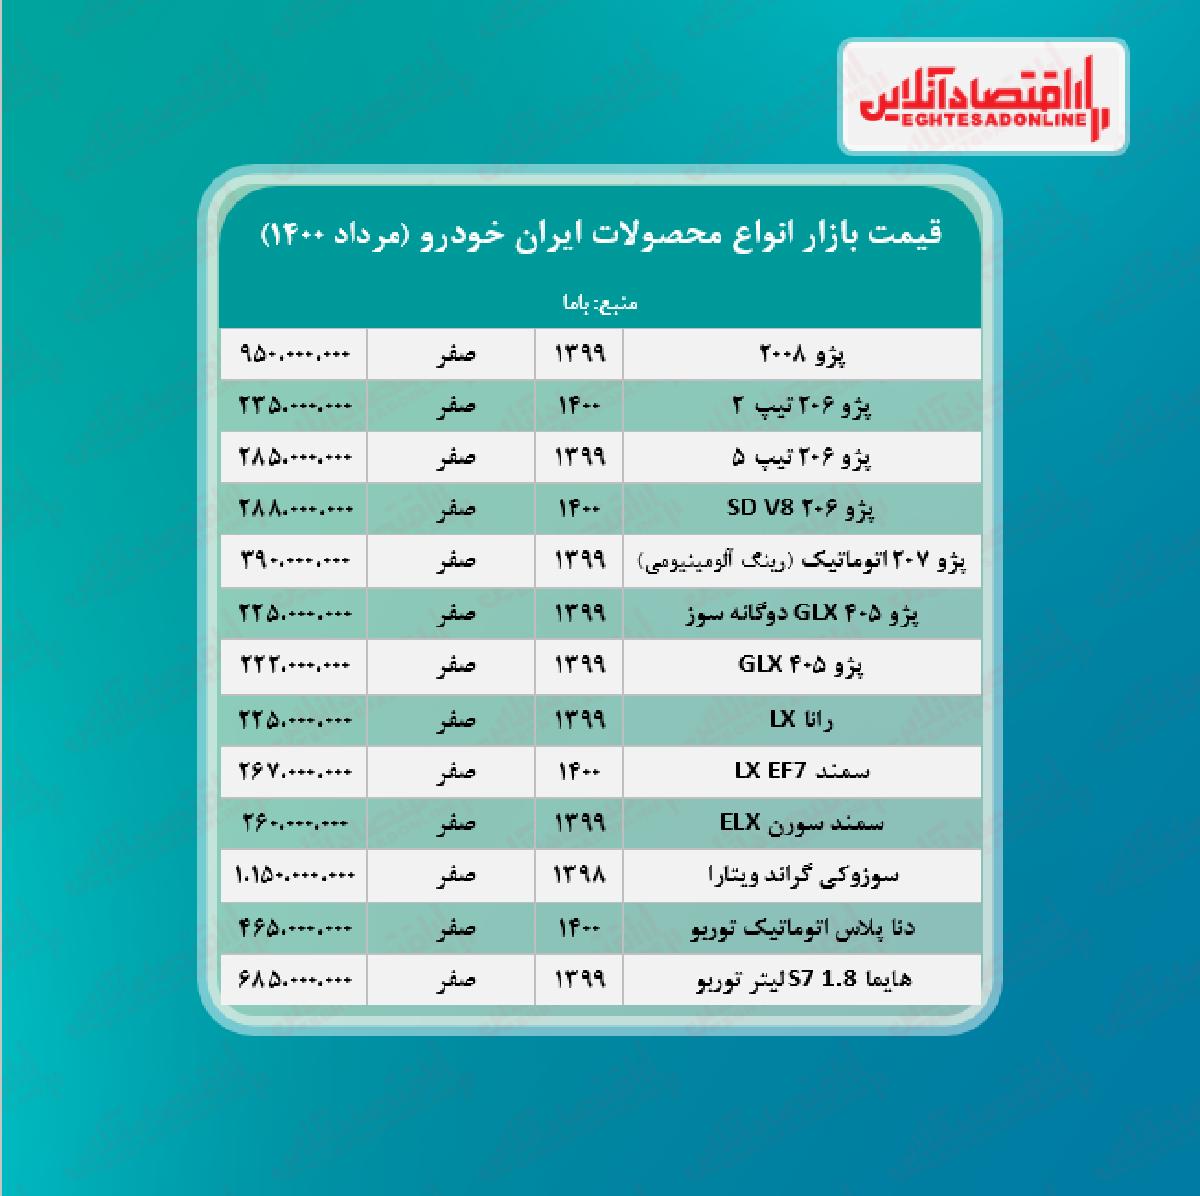 ایران-خودرو-قیمت